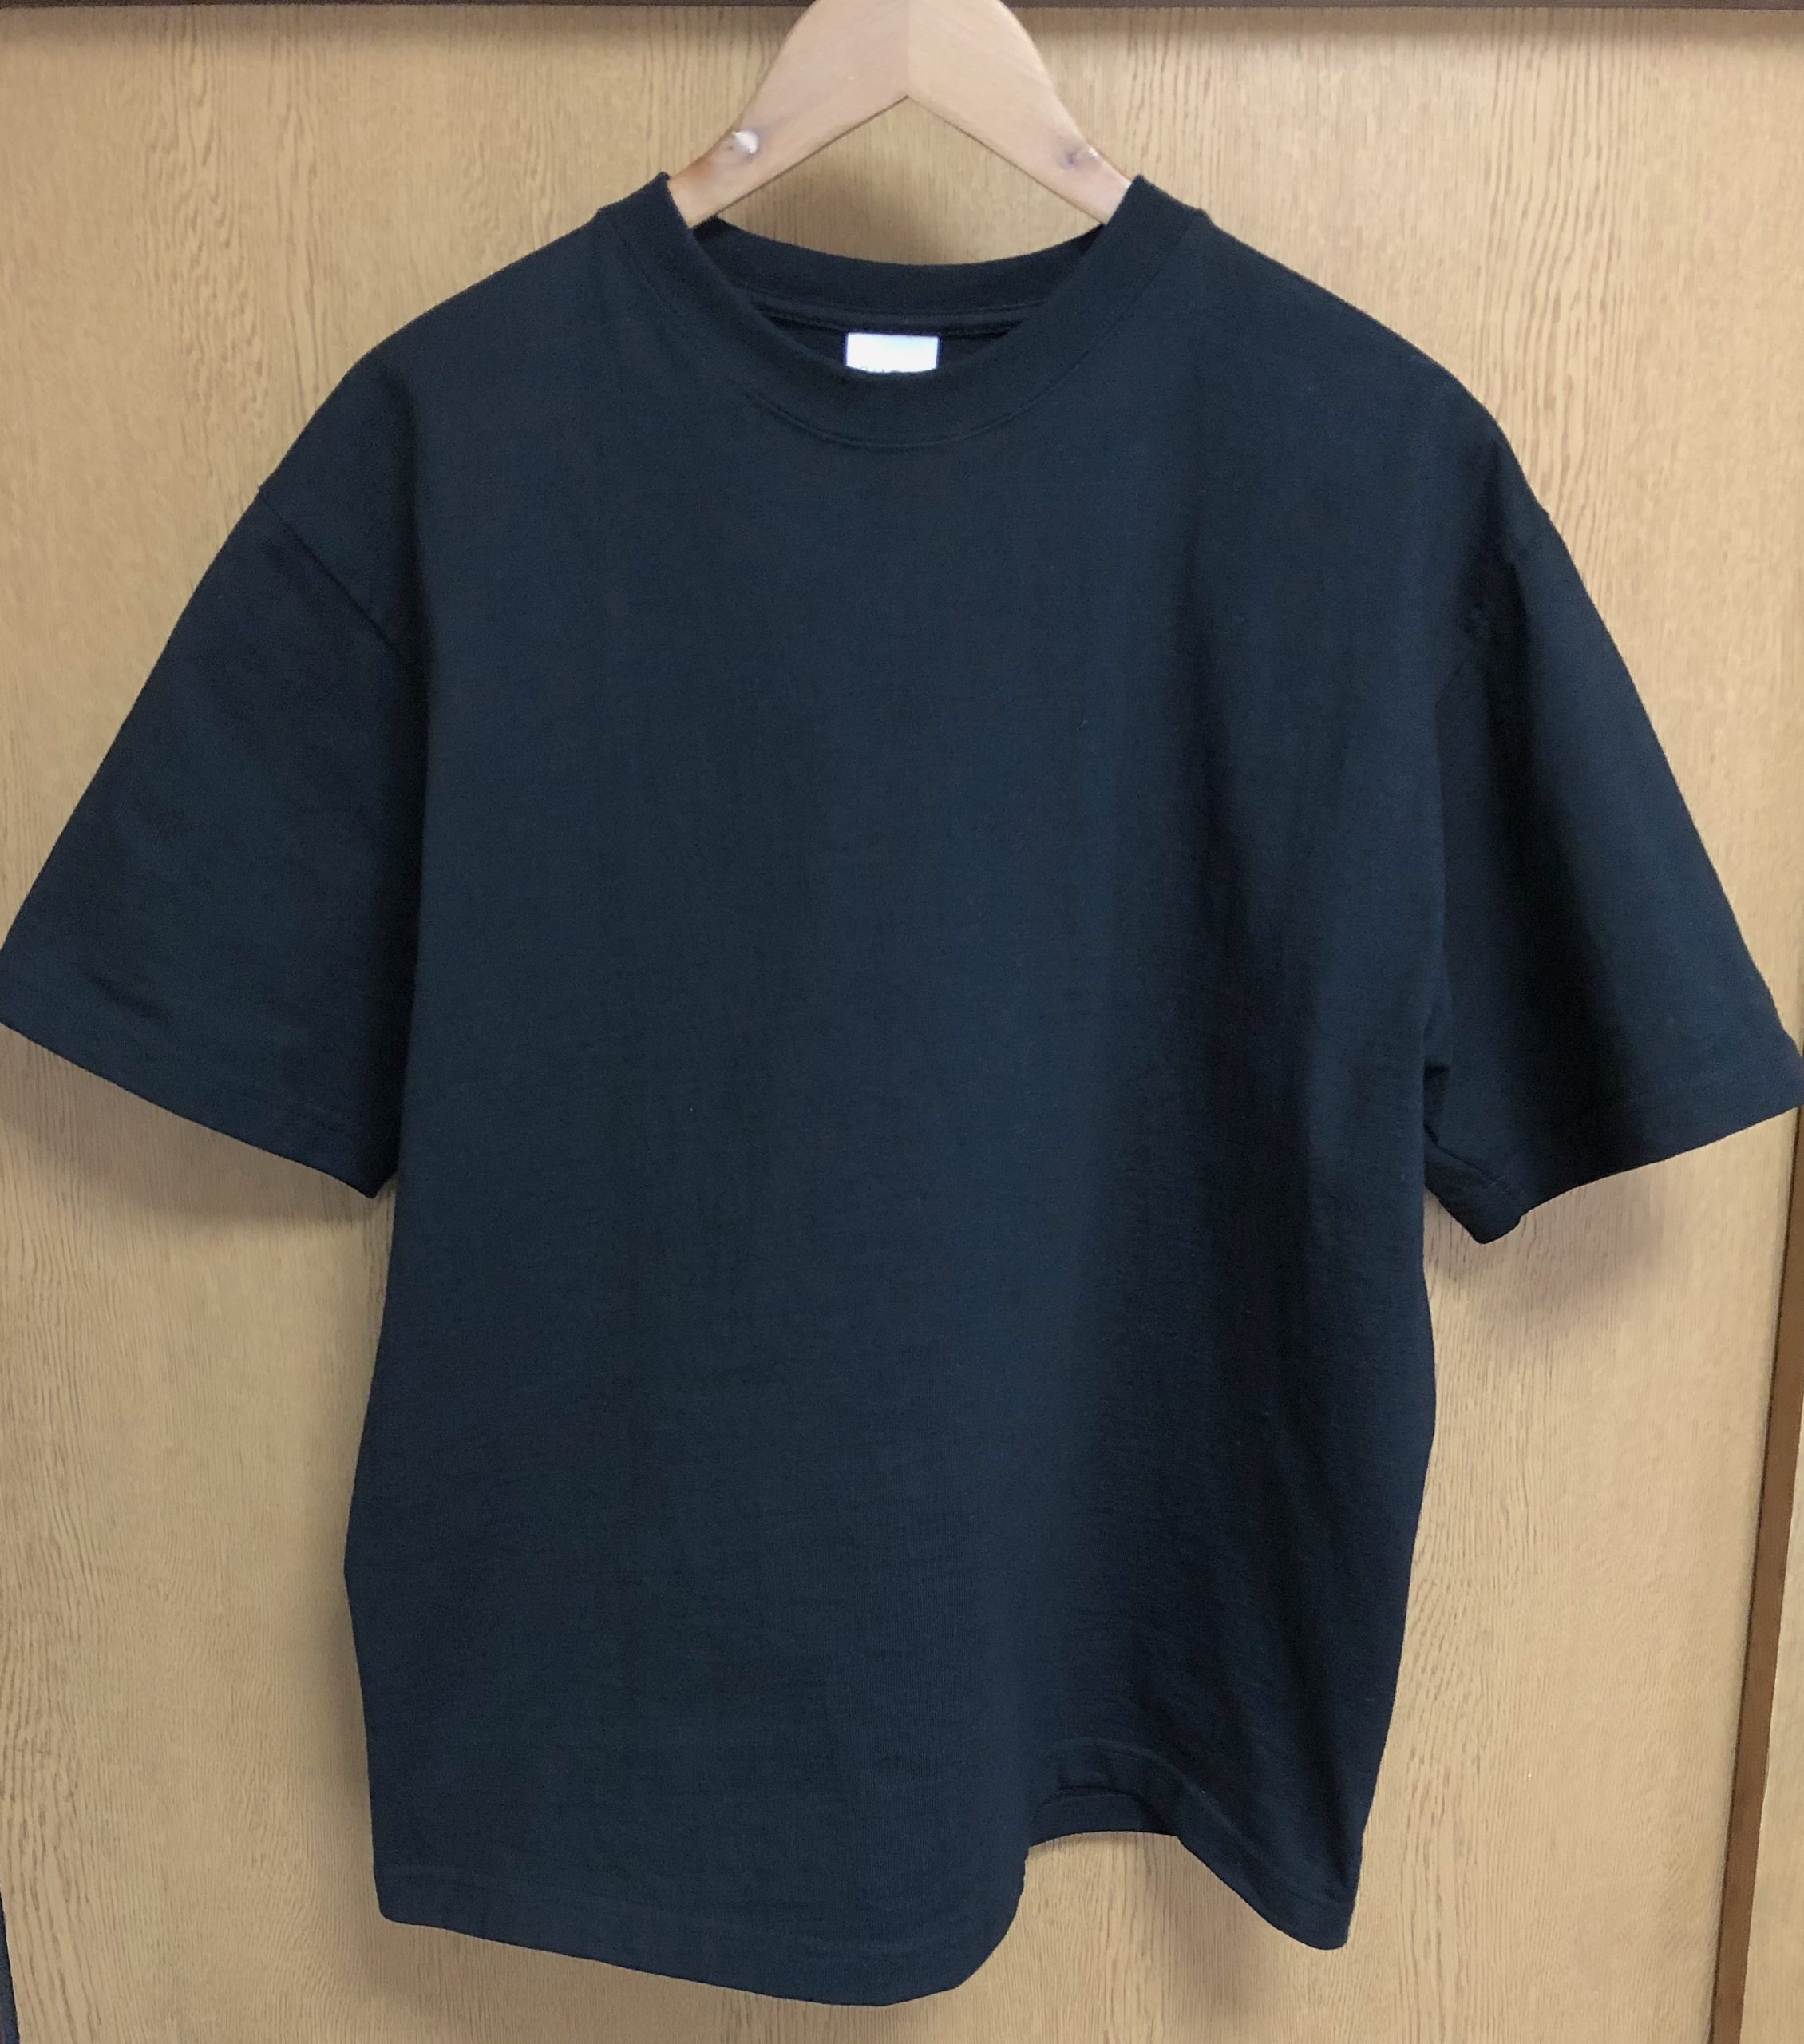 洗濯をして縮んだキャンバーのマックスウェイトTシャツ